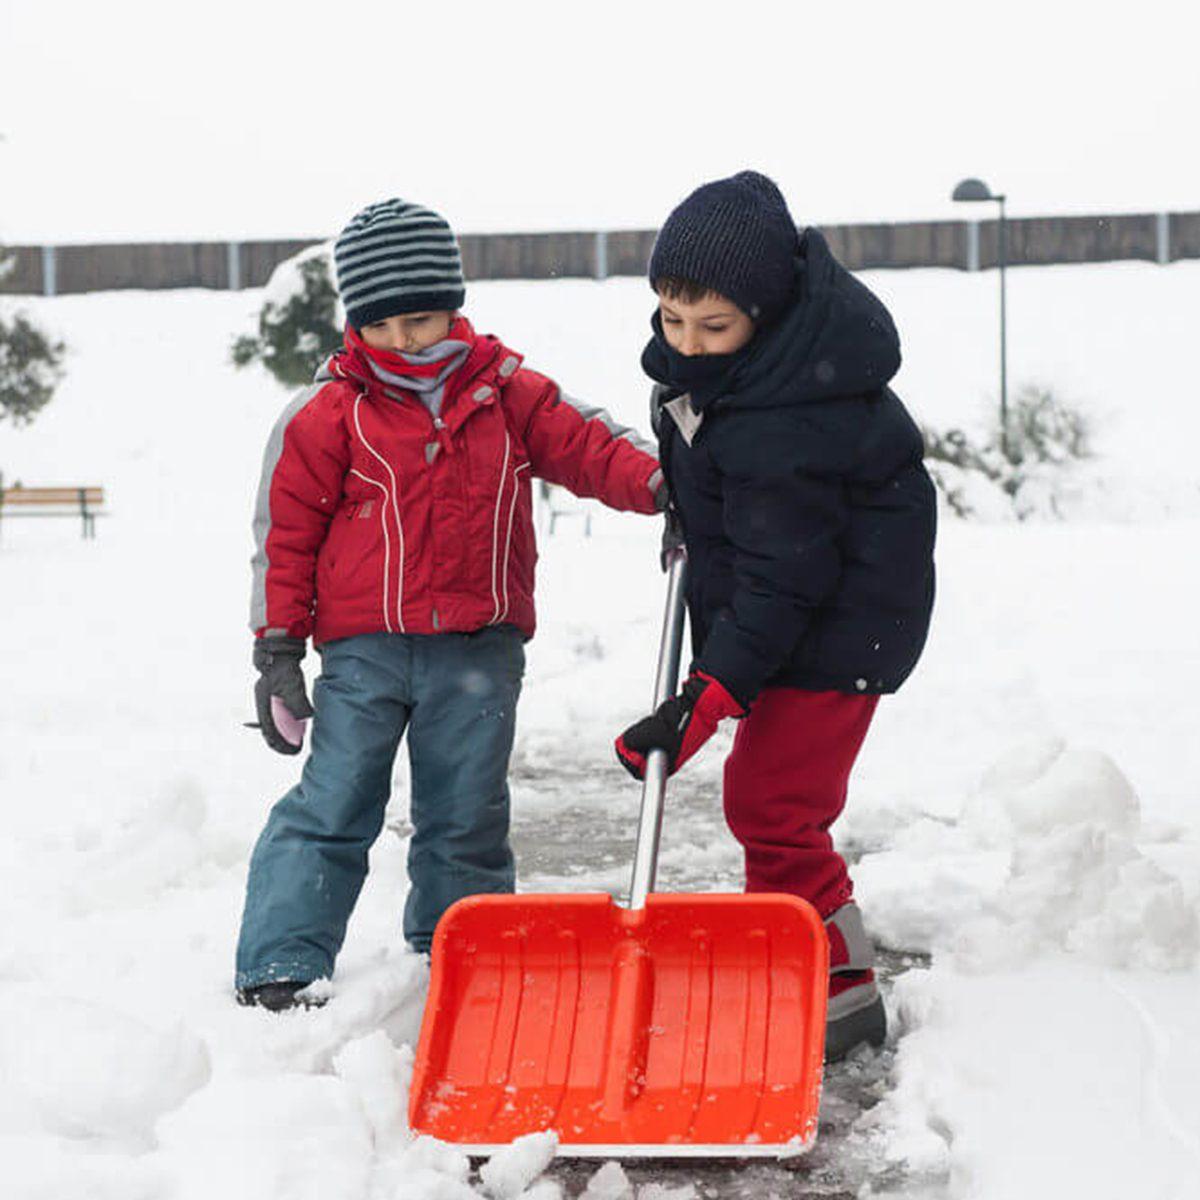 Two children shoveling snow